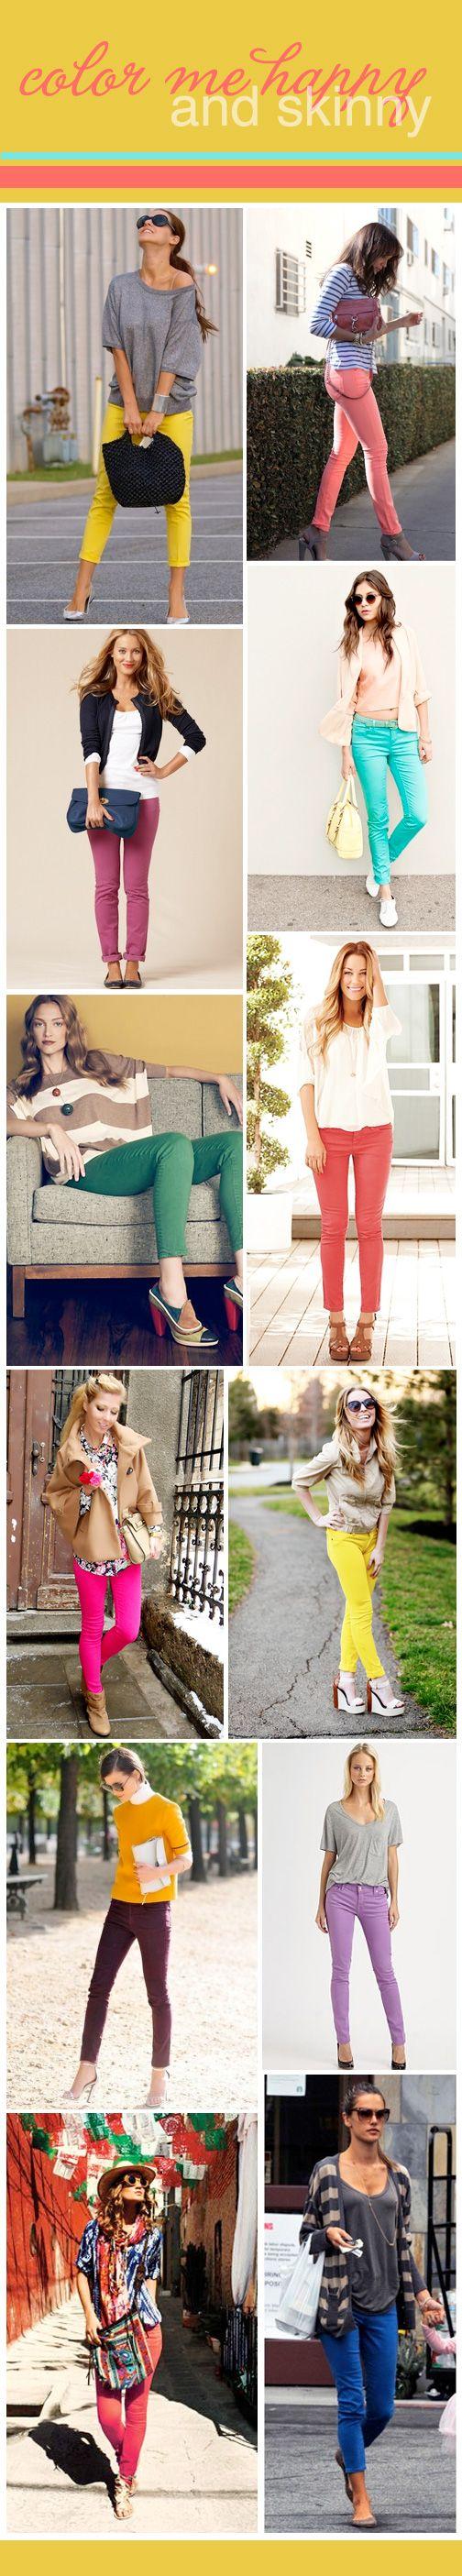 Colorful skinnys!